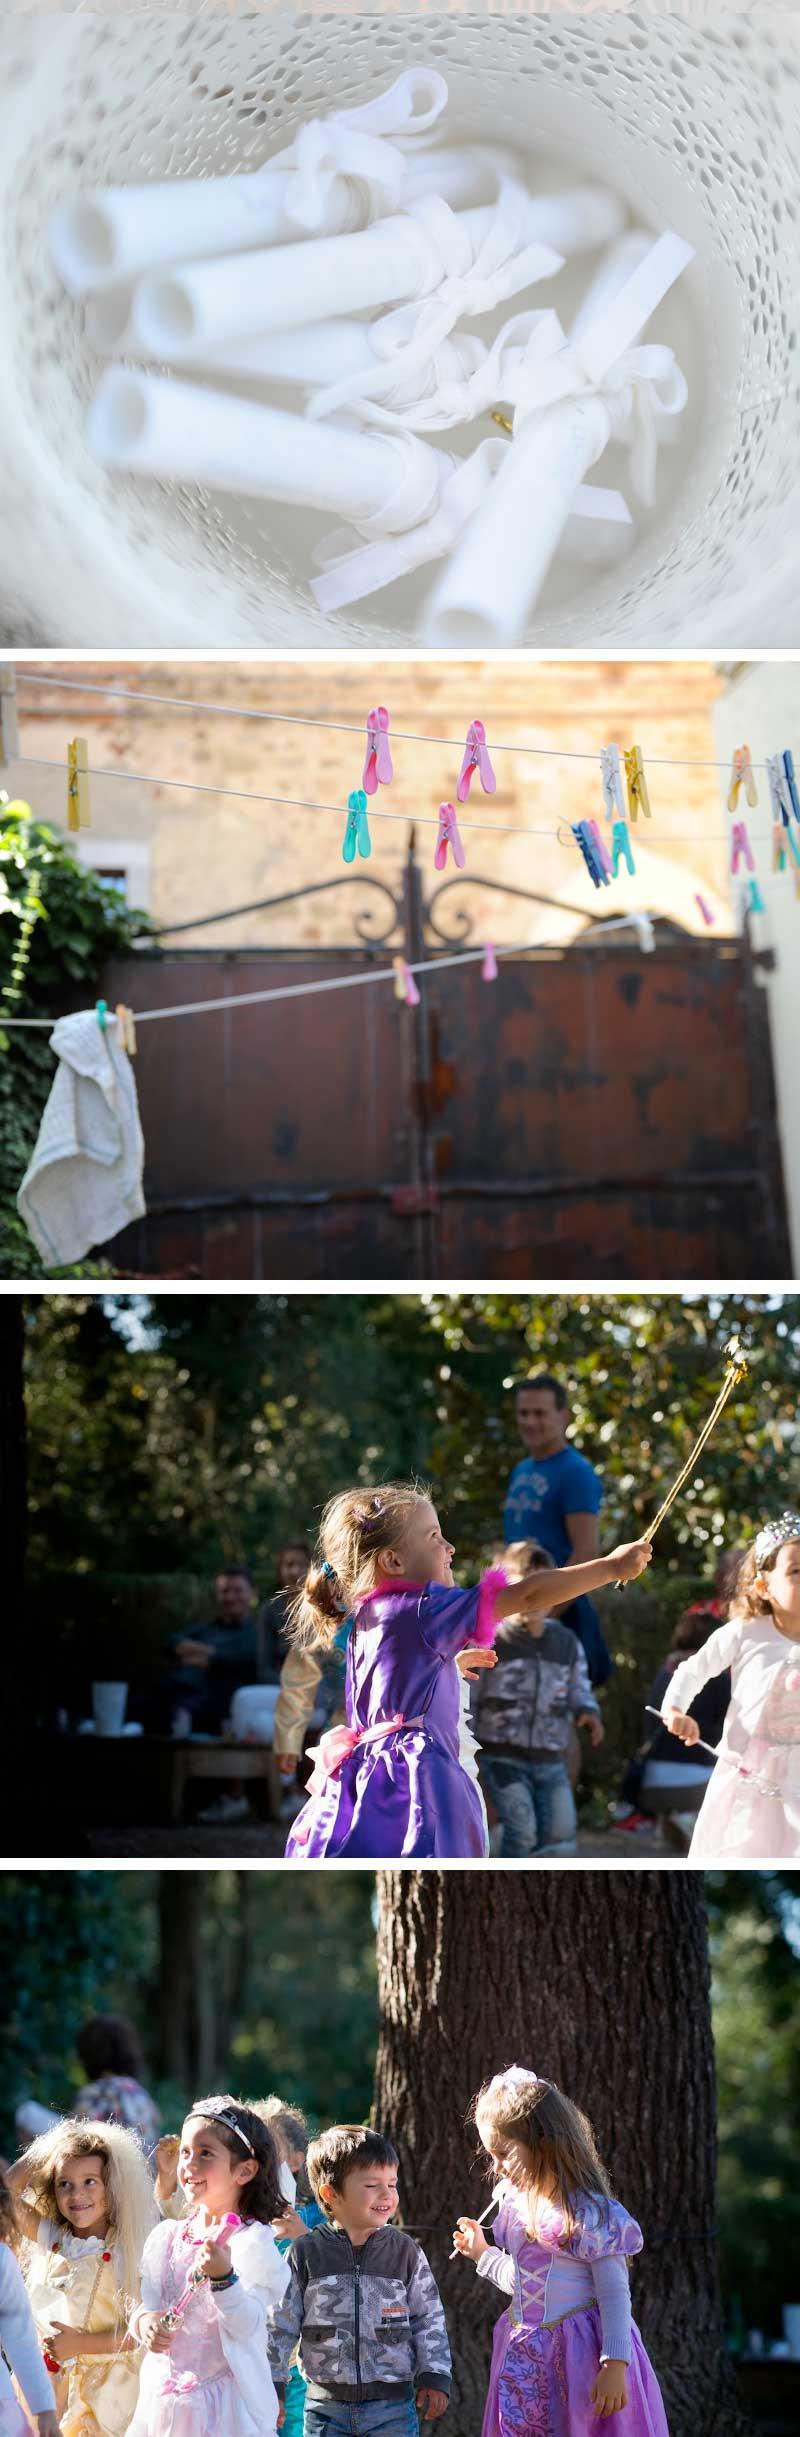 giochi per bambini alla festa di compleanno